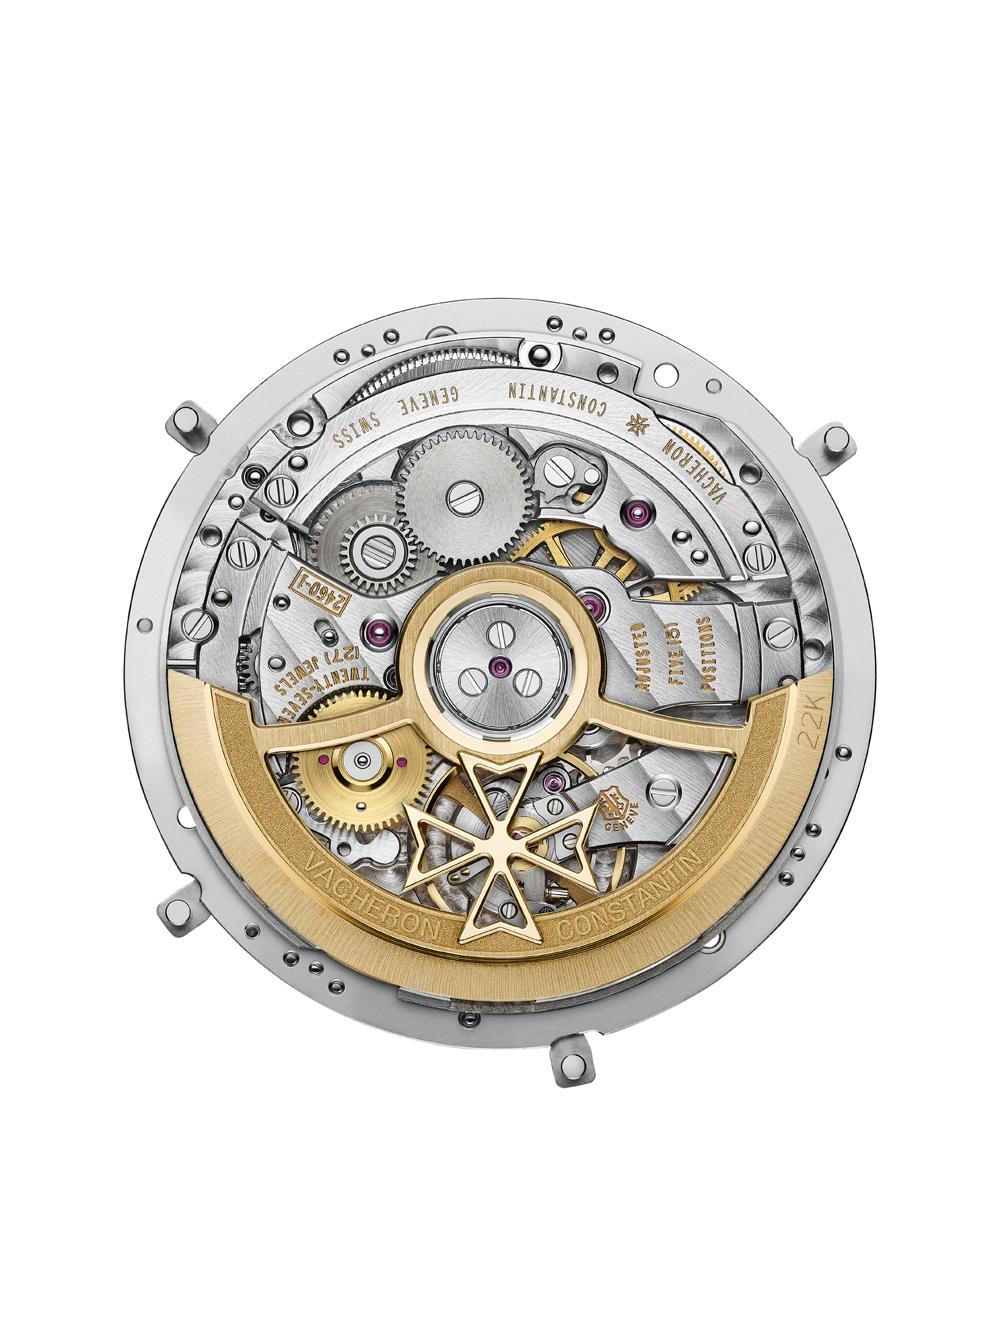 calibre 2460 QCL/1, de cuerda automática, del reloj Fiftysix Calendario Completo de Vacheron Constantin